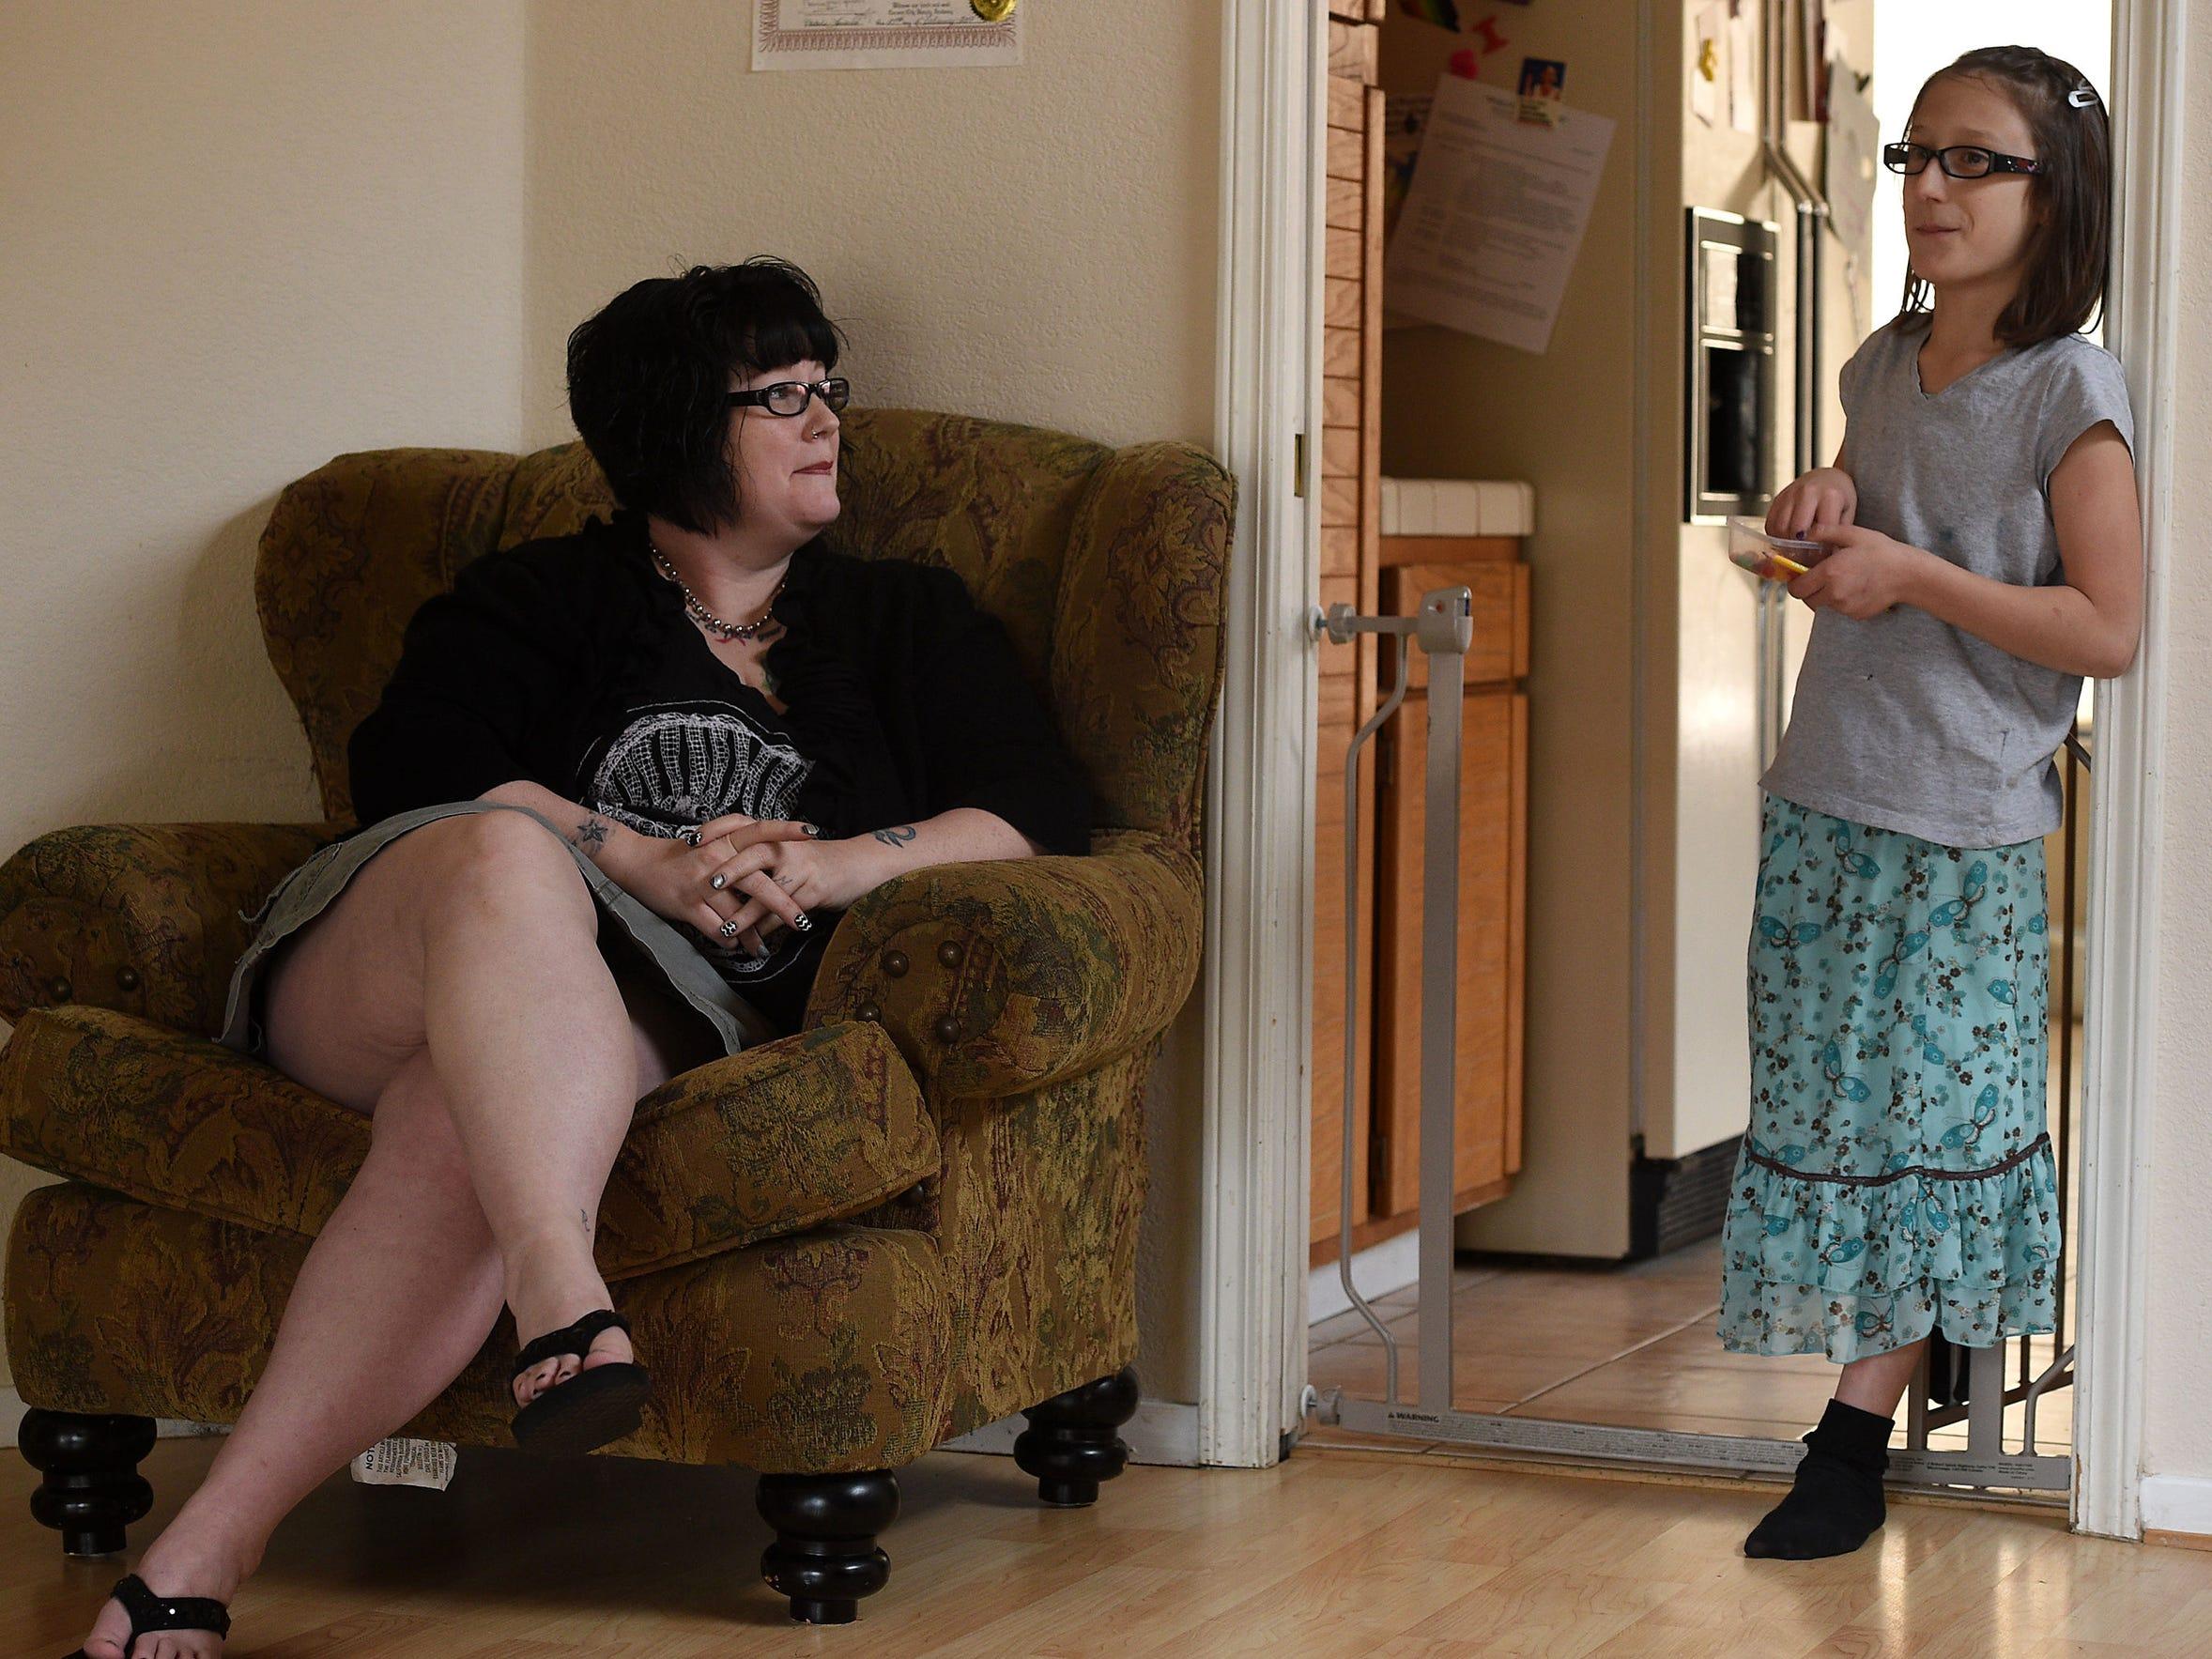 Transgender girl Cee Cee Ott talks to her mom, Shanna